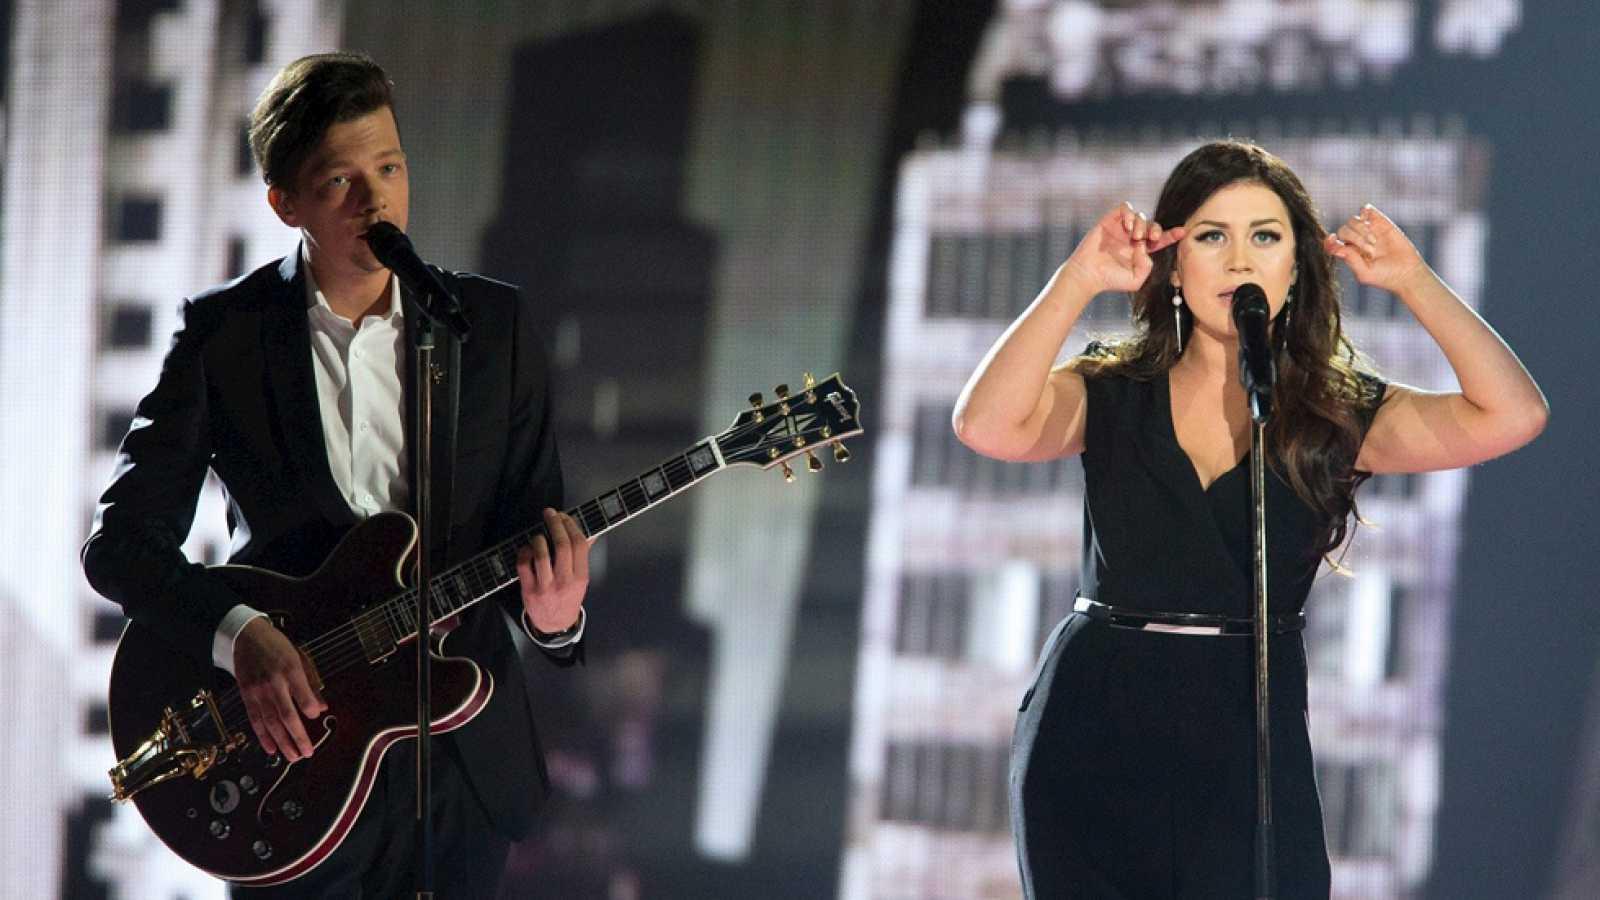 """Eurovisión 2015 - Semifinal 1 - Estonia: Elina Born & Stig Rästa cantan """"Goodbye to yesterday"""""""